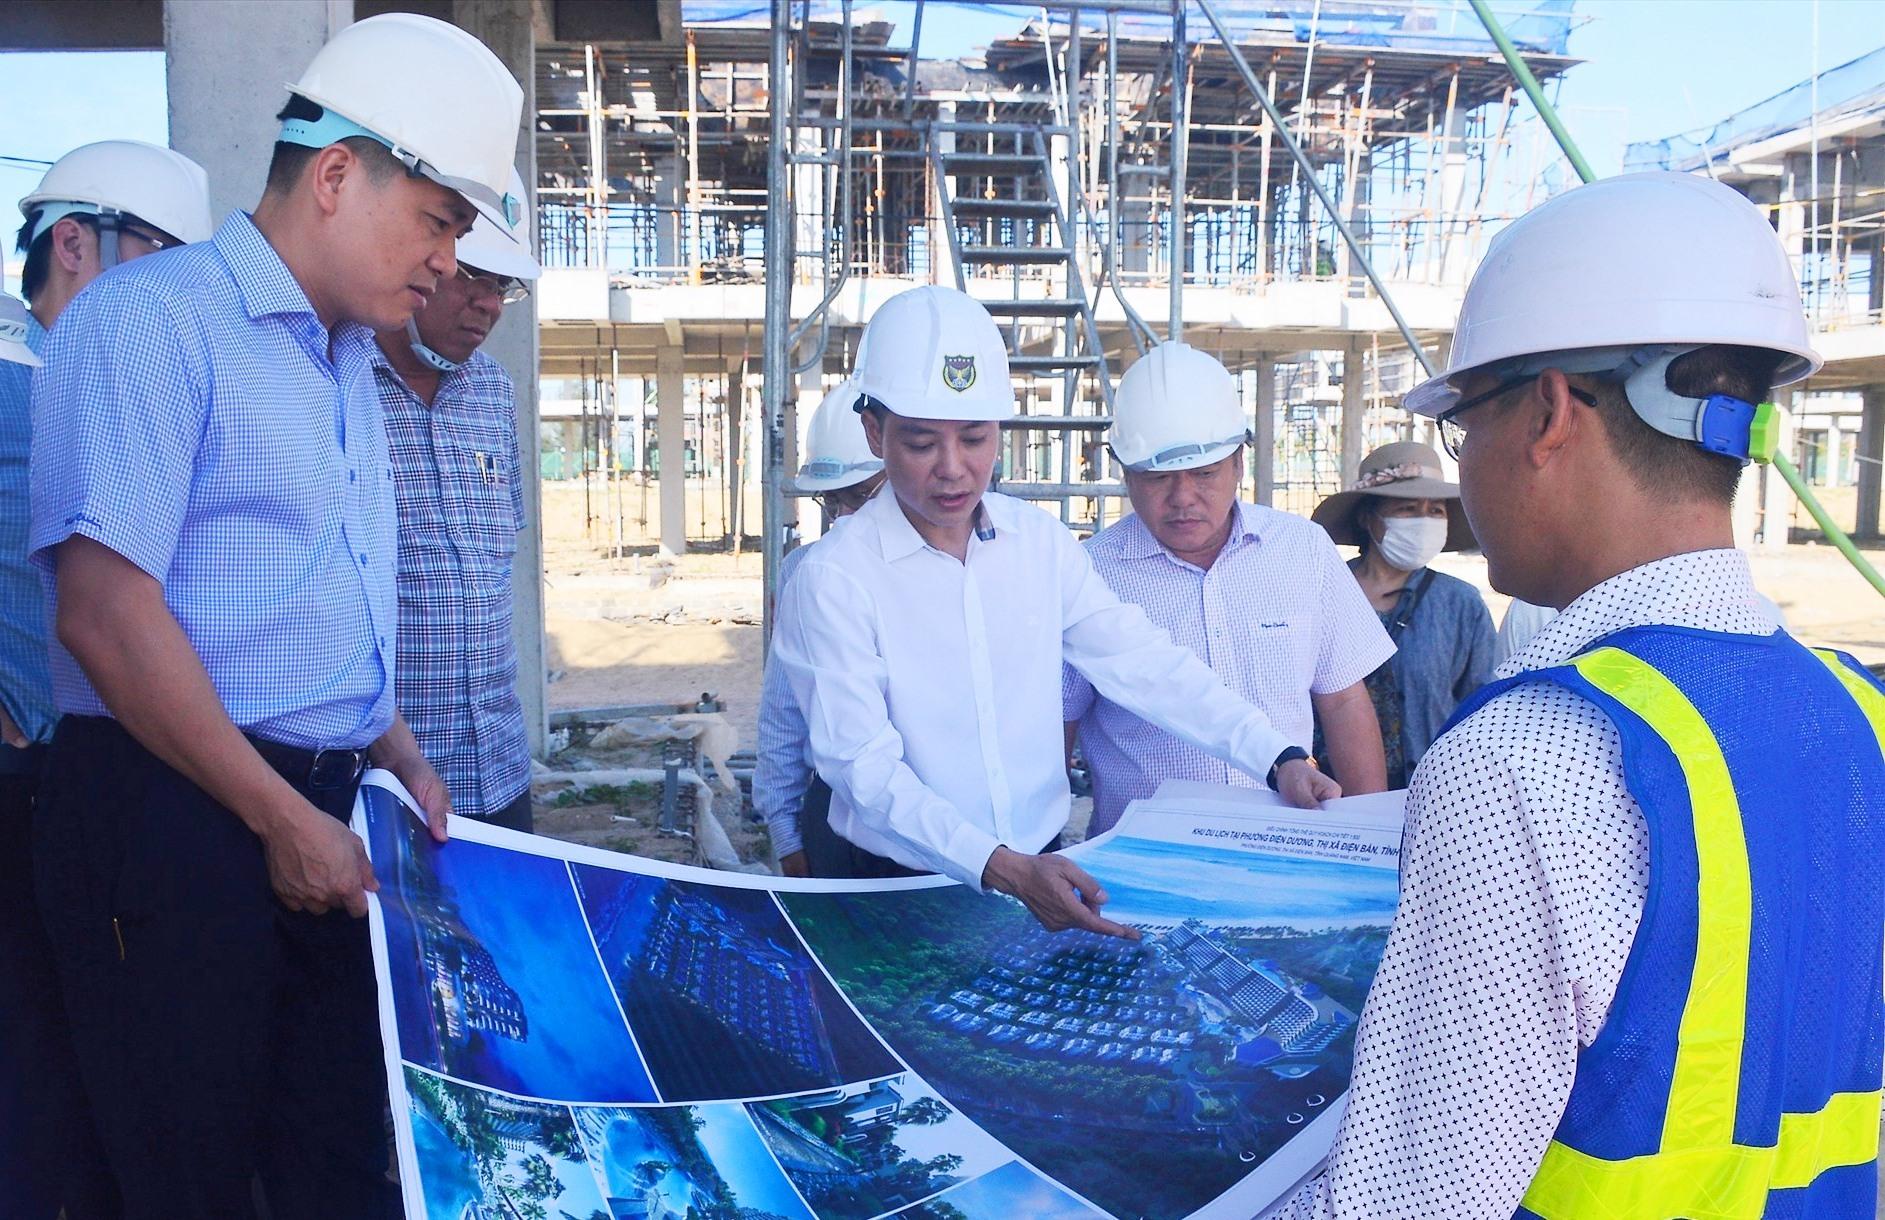 Đại diện chủ đầu tư báo cáo tiến độ thực hiện dự án với Phó Chủ tịch UBND tỉnh Trần Văn Tân. Ảnh: Q.T